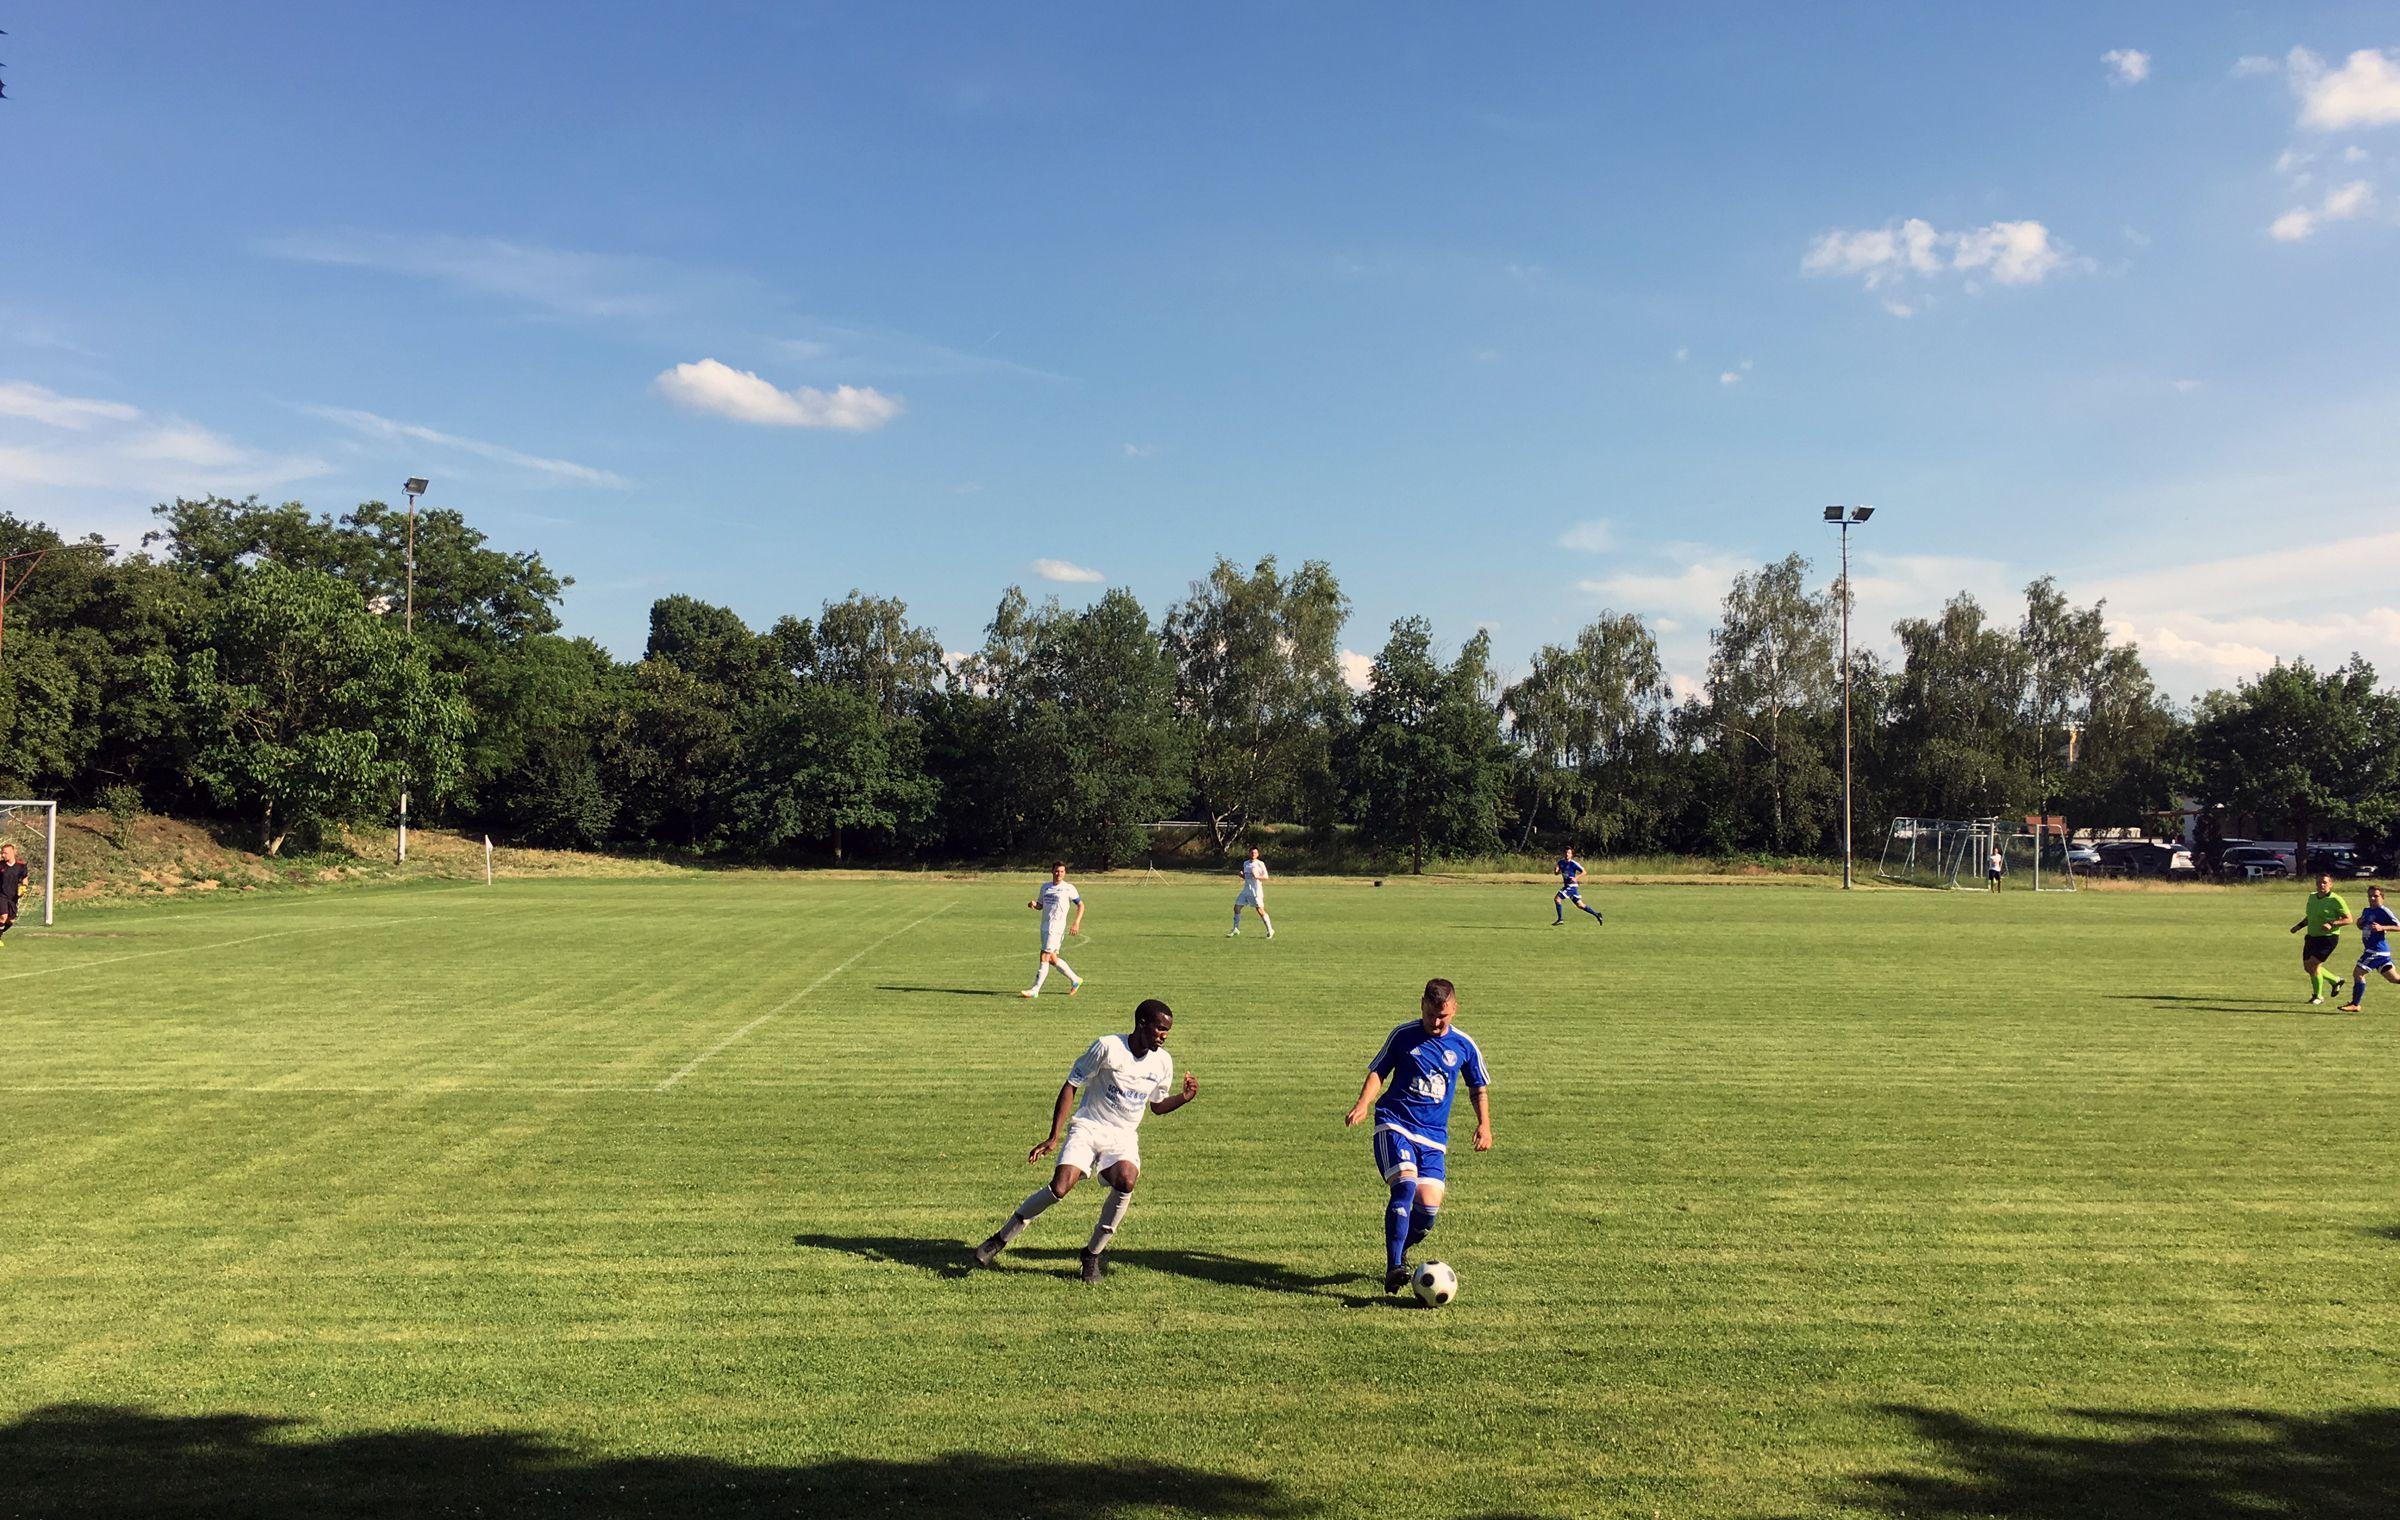 Parallelspiel DJK Mühlburg vs FV Leopoldshafen 1:0 – das reichte nicht zum Aufstieg für Mühlburg